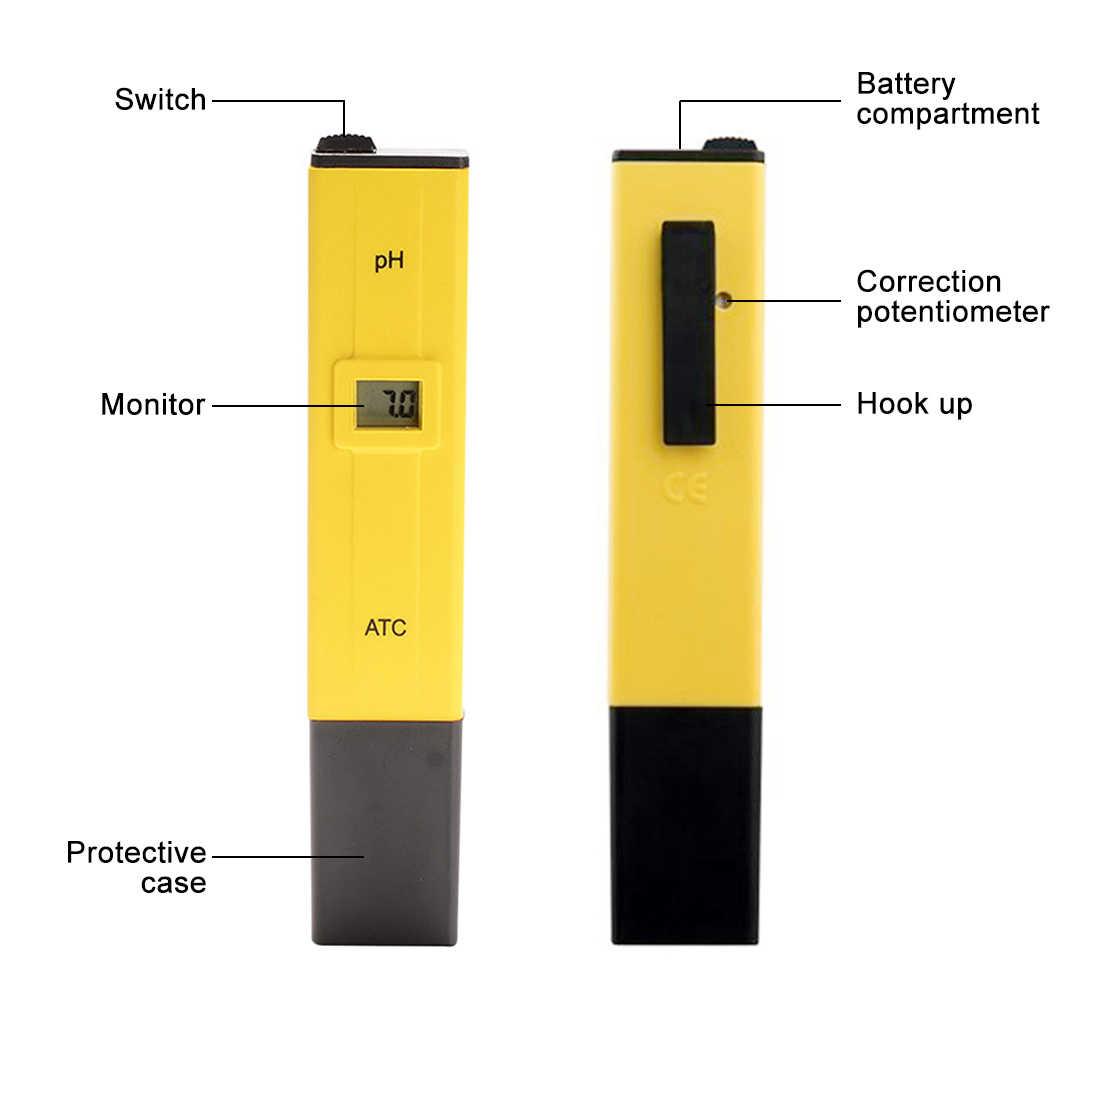 Baru Digital Tester 0.0-14.0 Ph 150 Mm Pena (Tipe PH Meter Air untuk Aquarium Kolam Renang Laboratorium Air